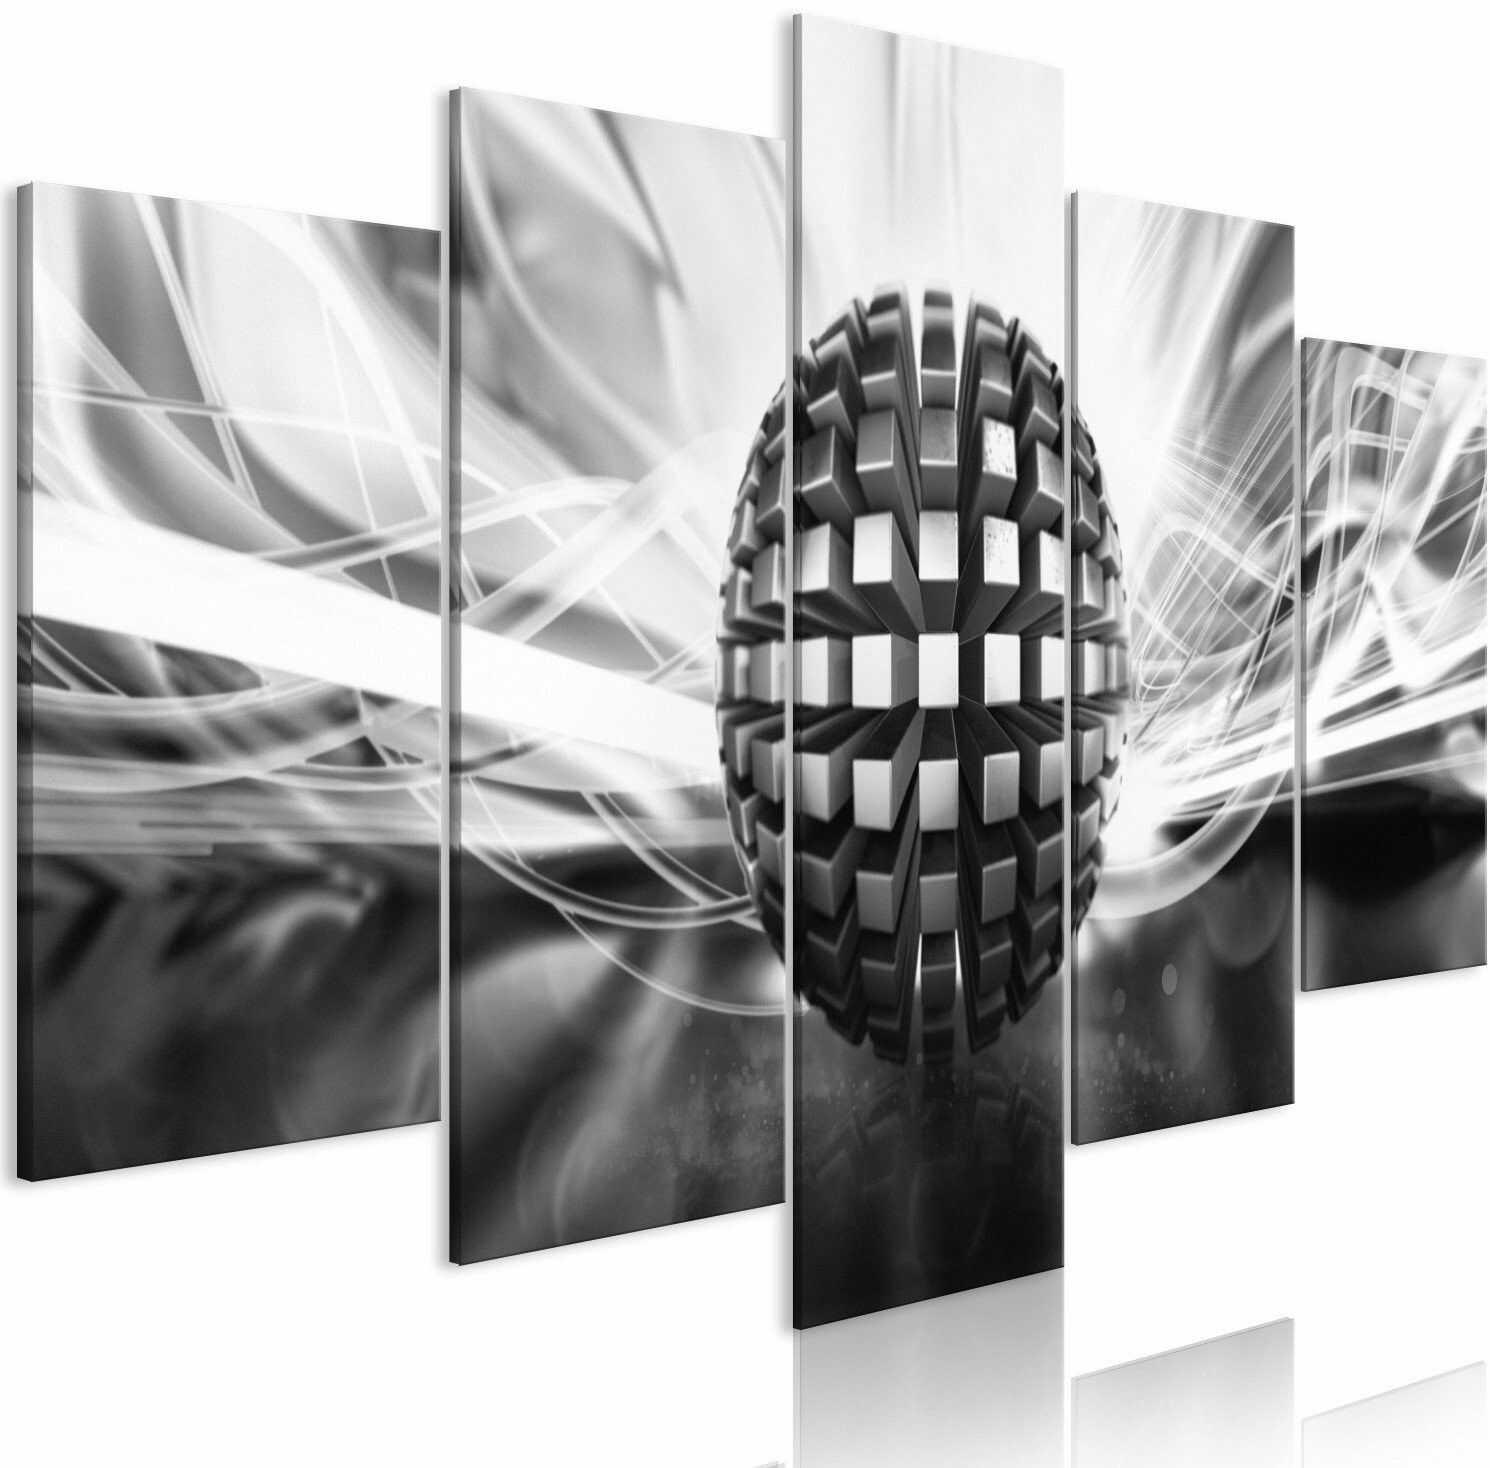 Obraz - metalowa kula (5-częściowy) szeroki czarno-biały